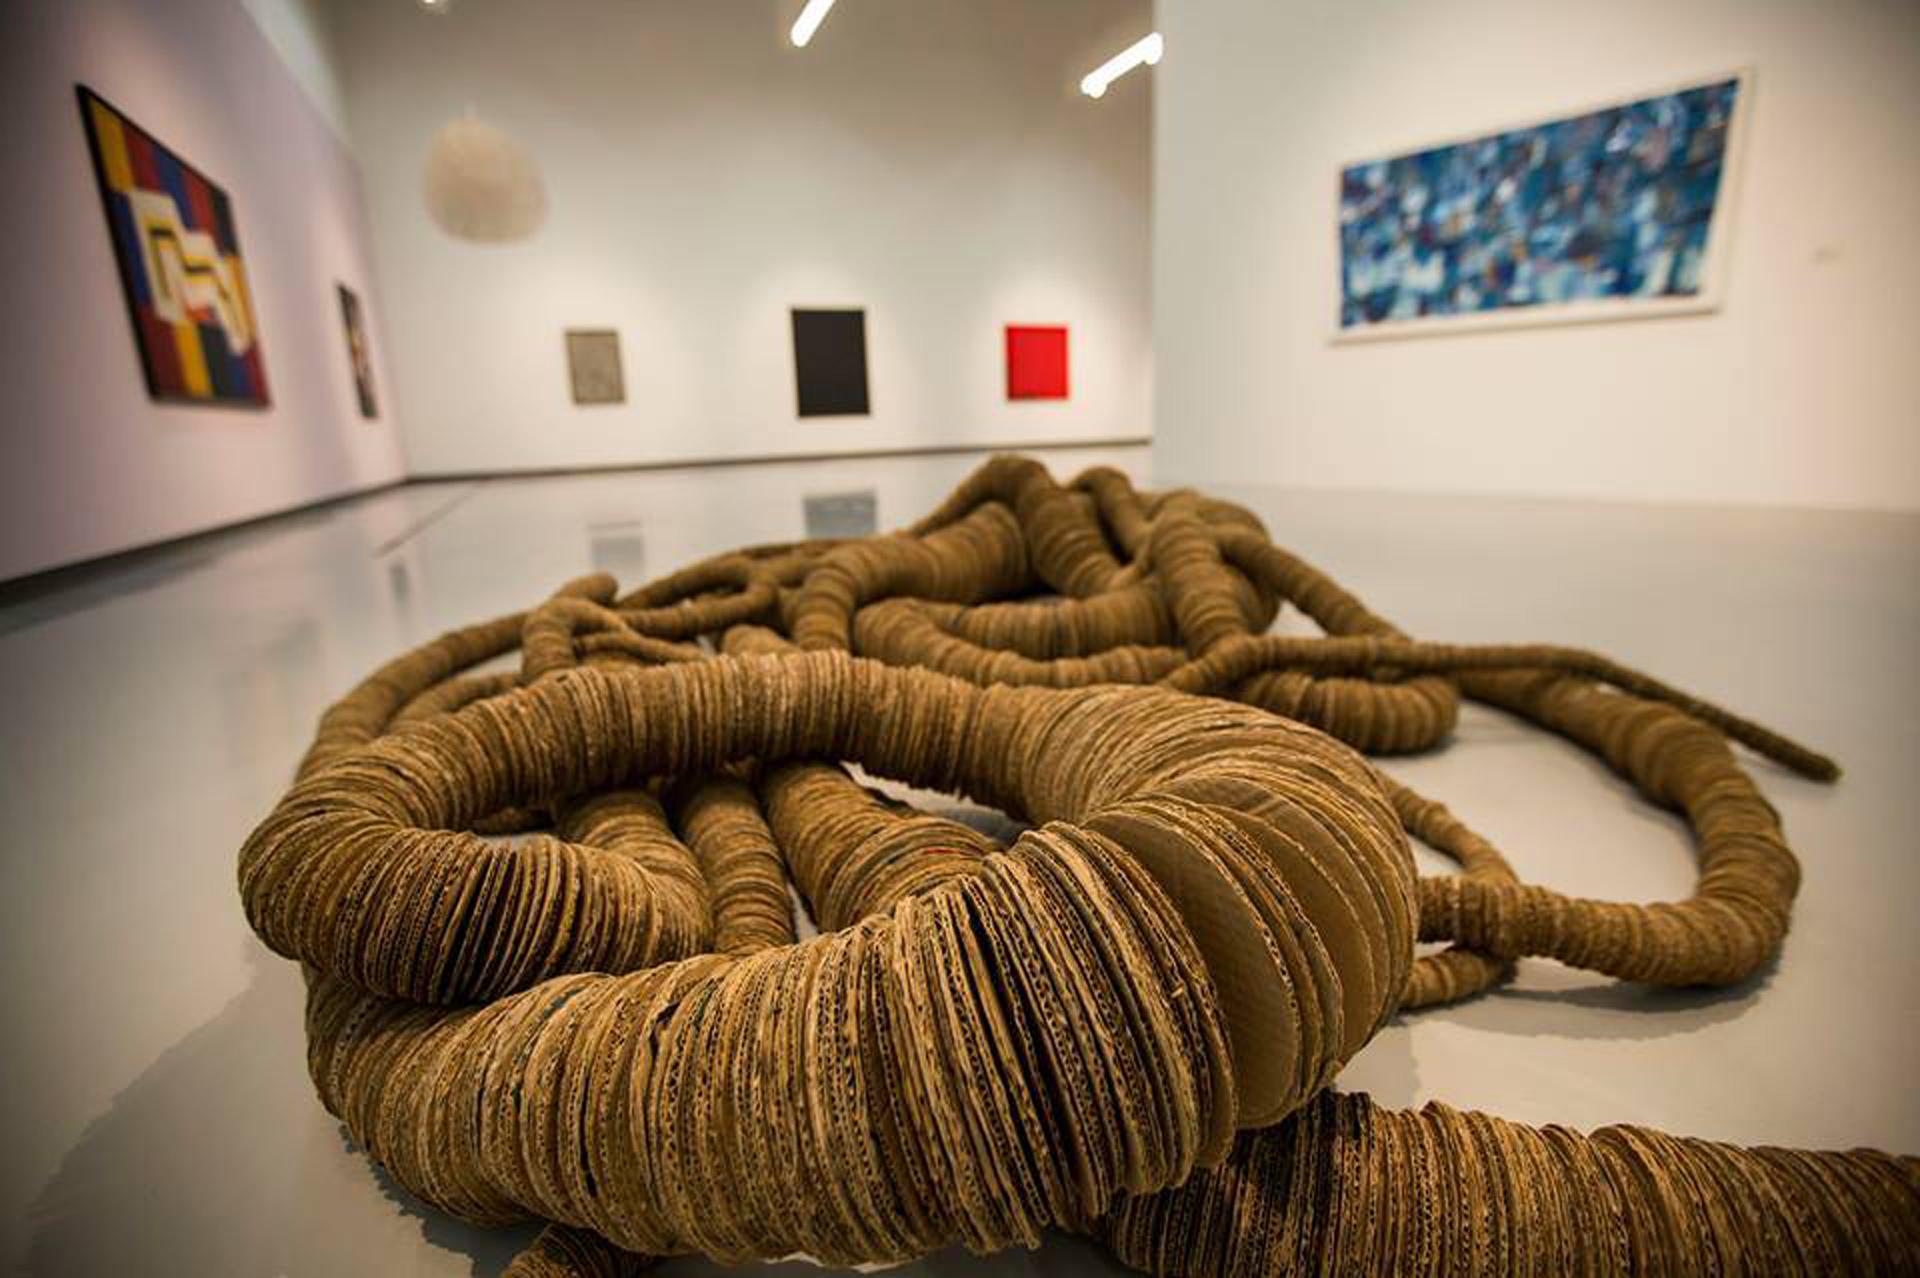 La exhibición se organiza en cuatro núcleos temáticos que no siguen una línea cronológica: Paisaje y territorio, Visiones sobre la subjetividad, Los cambios sociales, y Vanguardia y abstracción